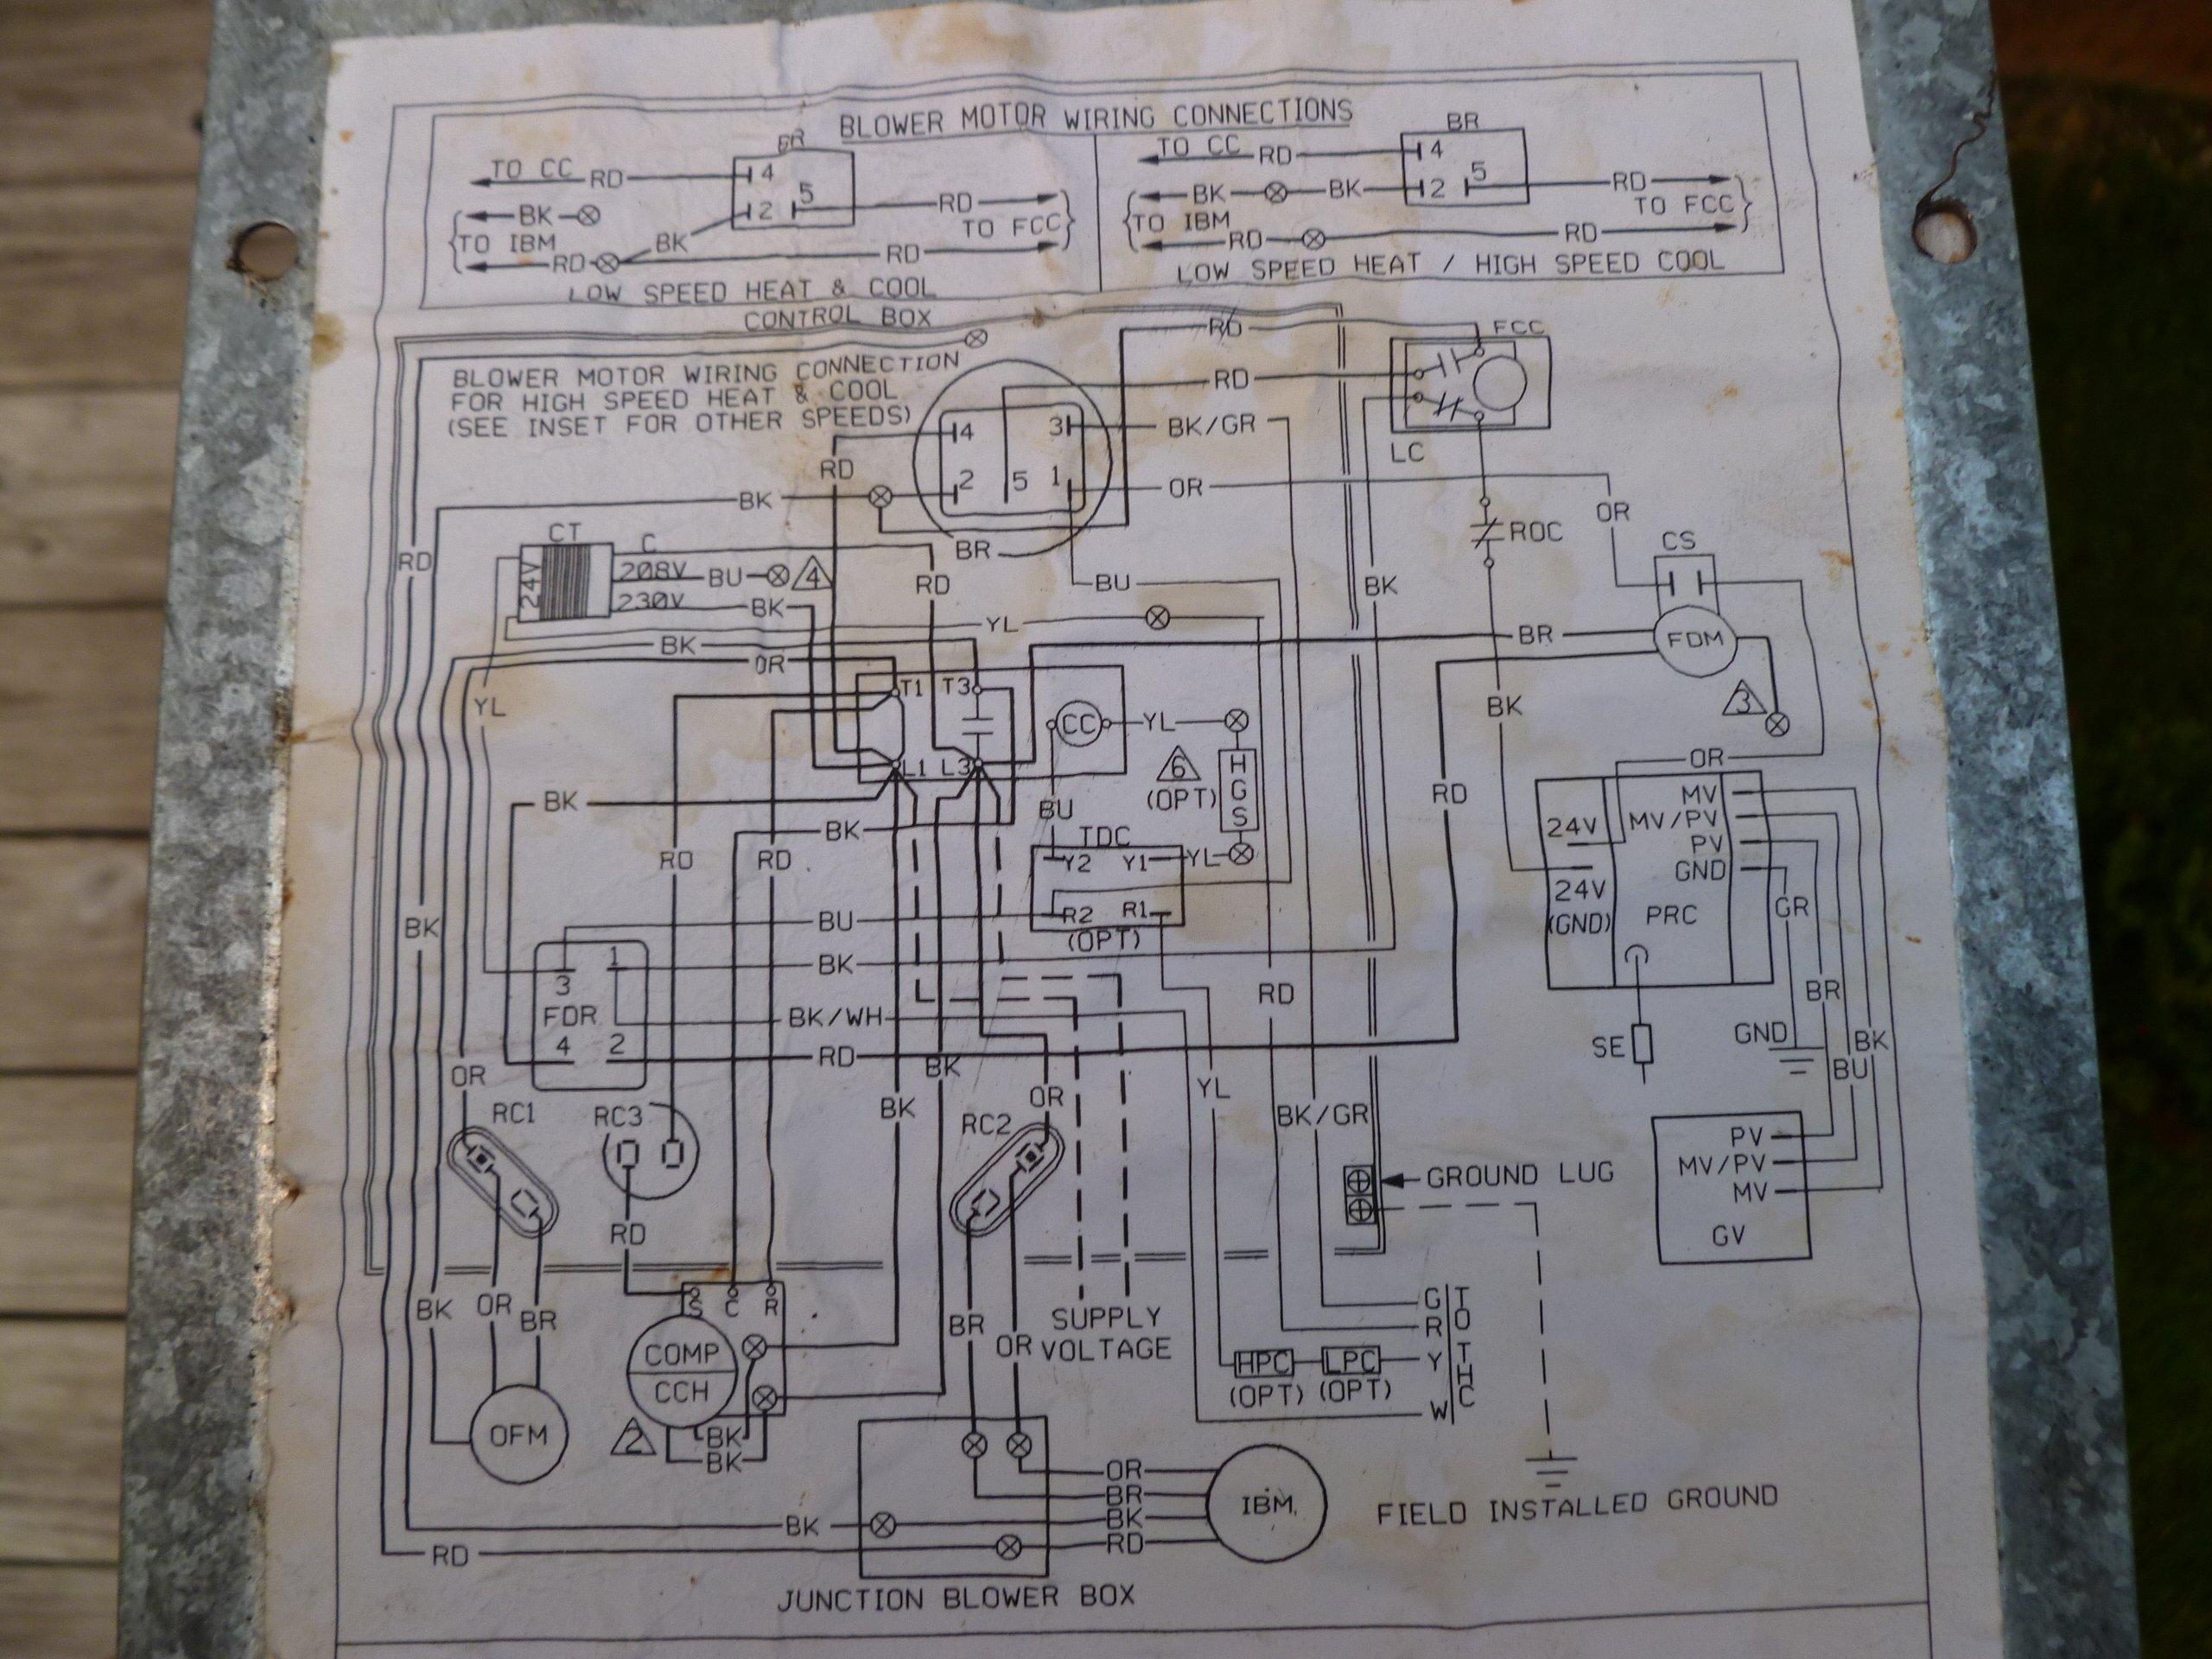 Rheem Gas Pack Wiring Diagram - Wiring Diagram •